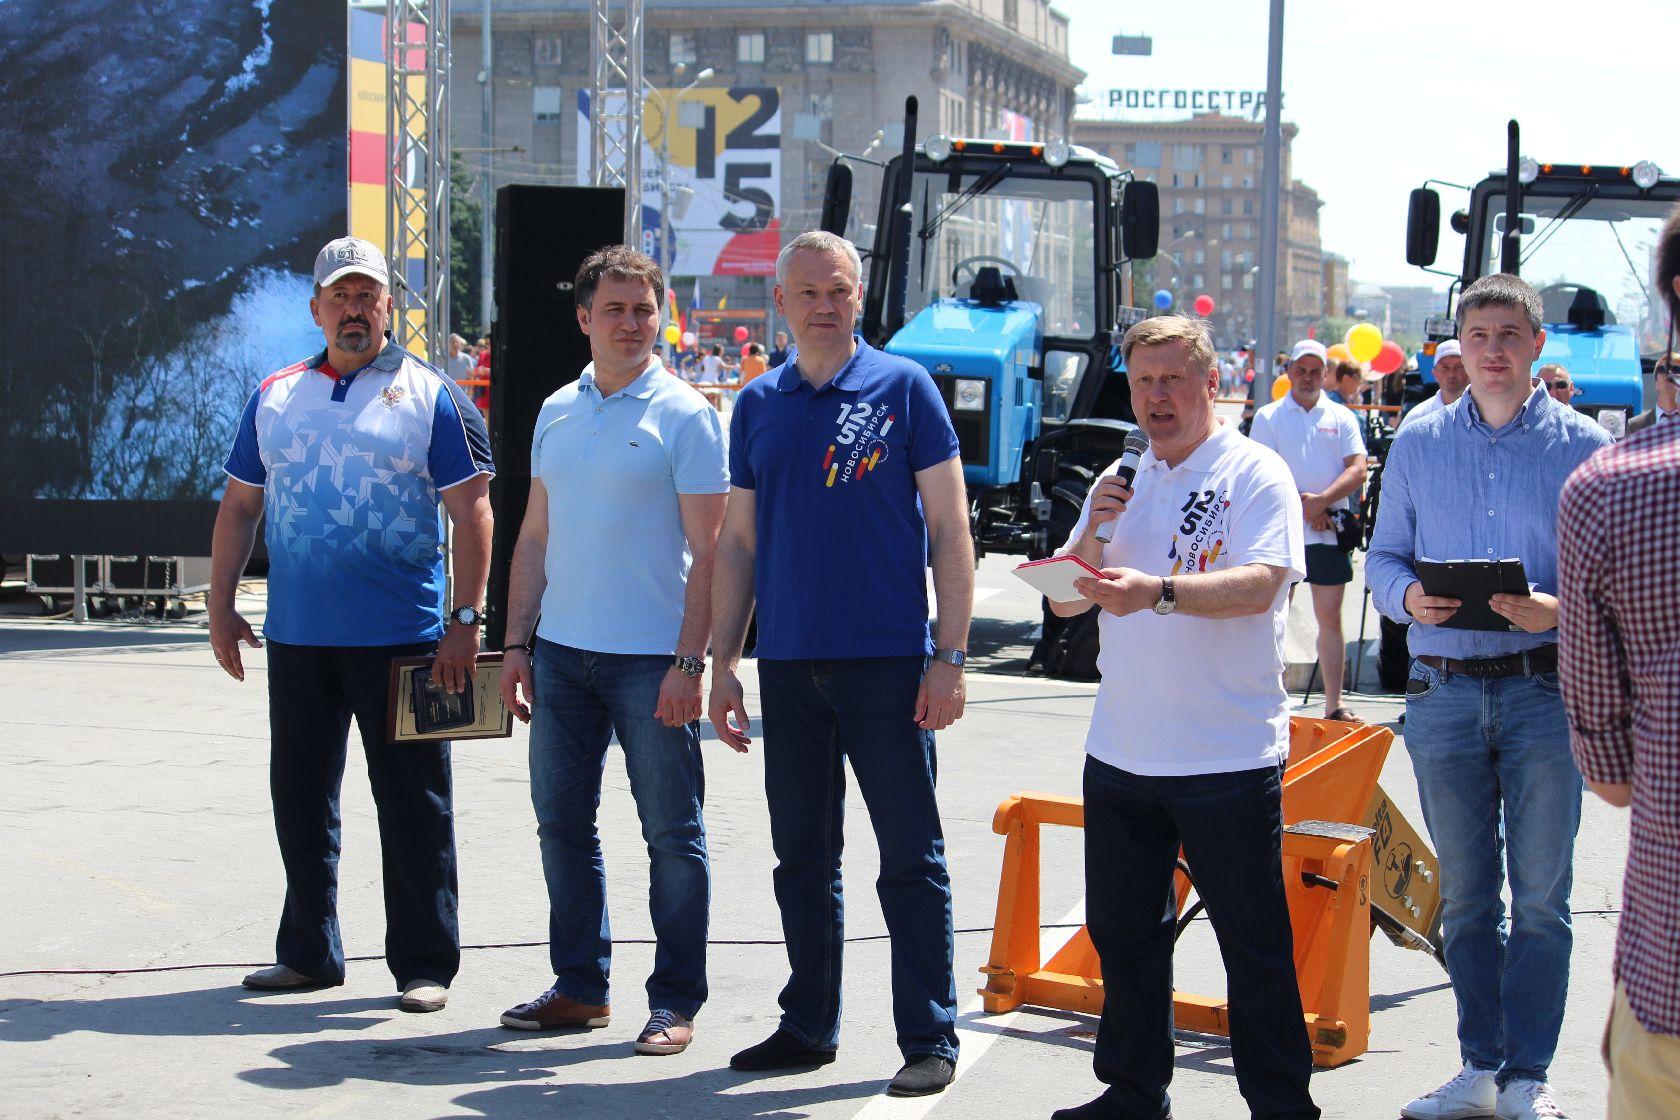 врио губернатора области Андрей Травников и мэр Новосибирска Анатолий Локоть.